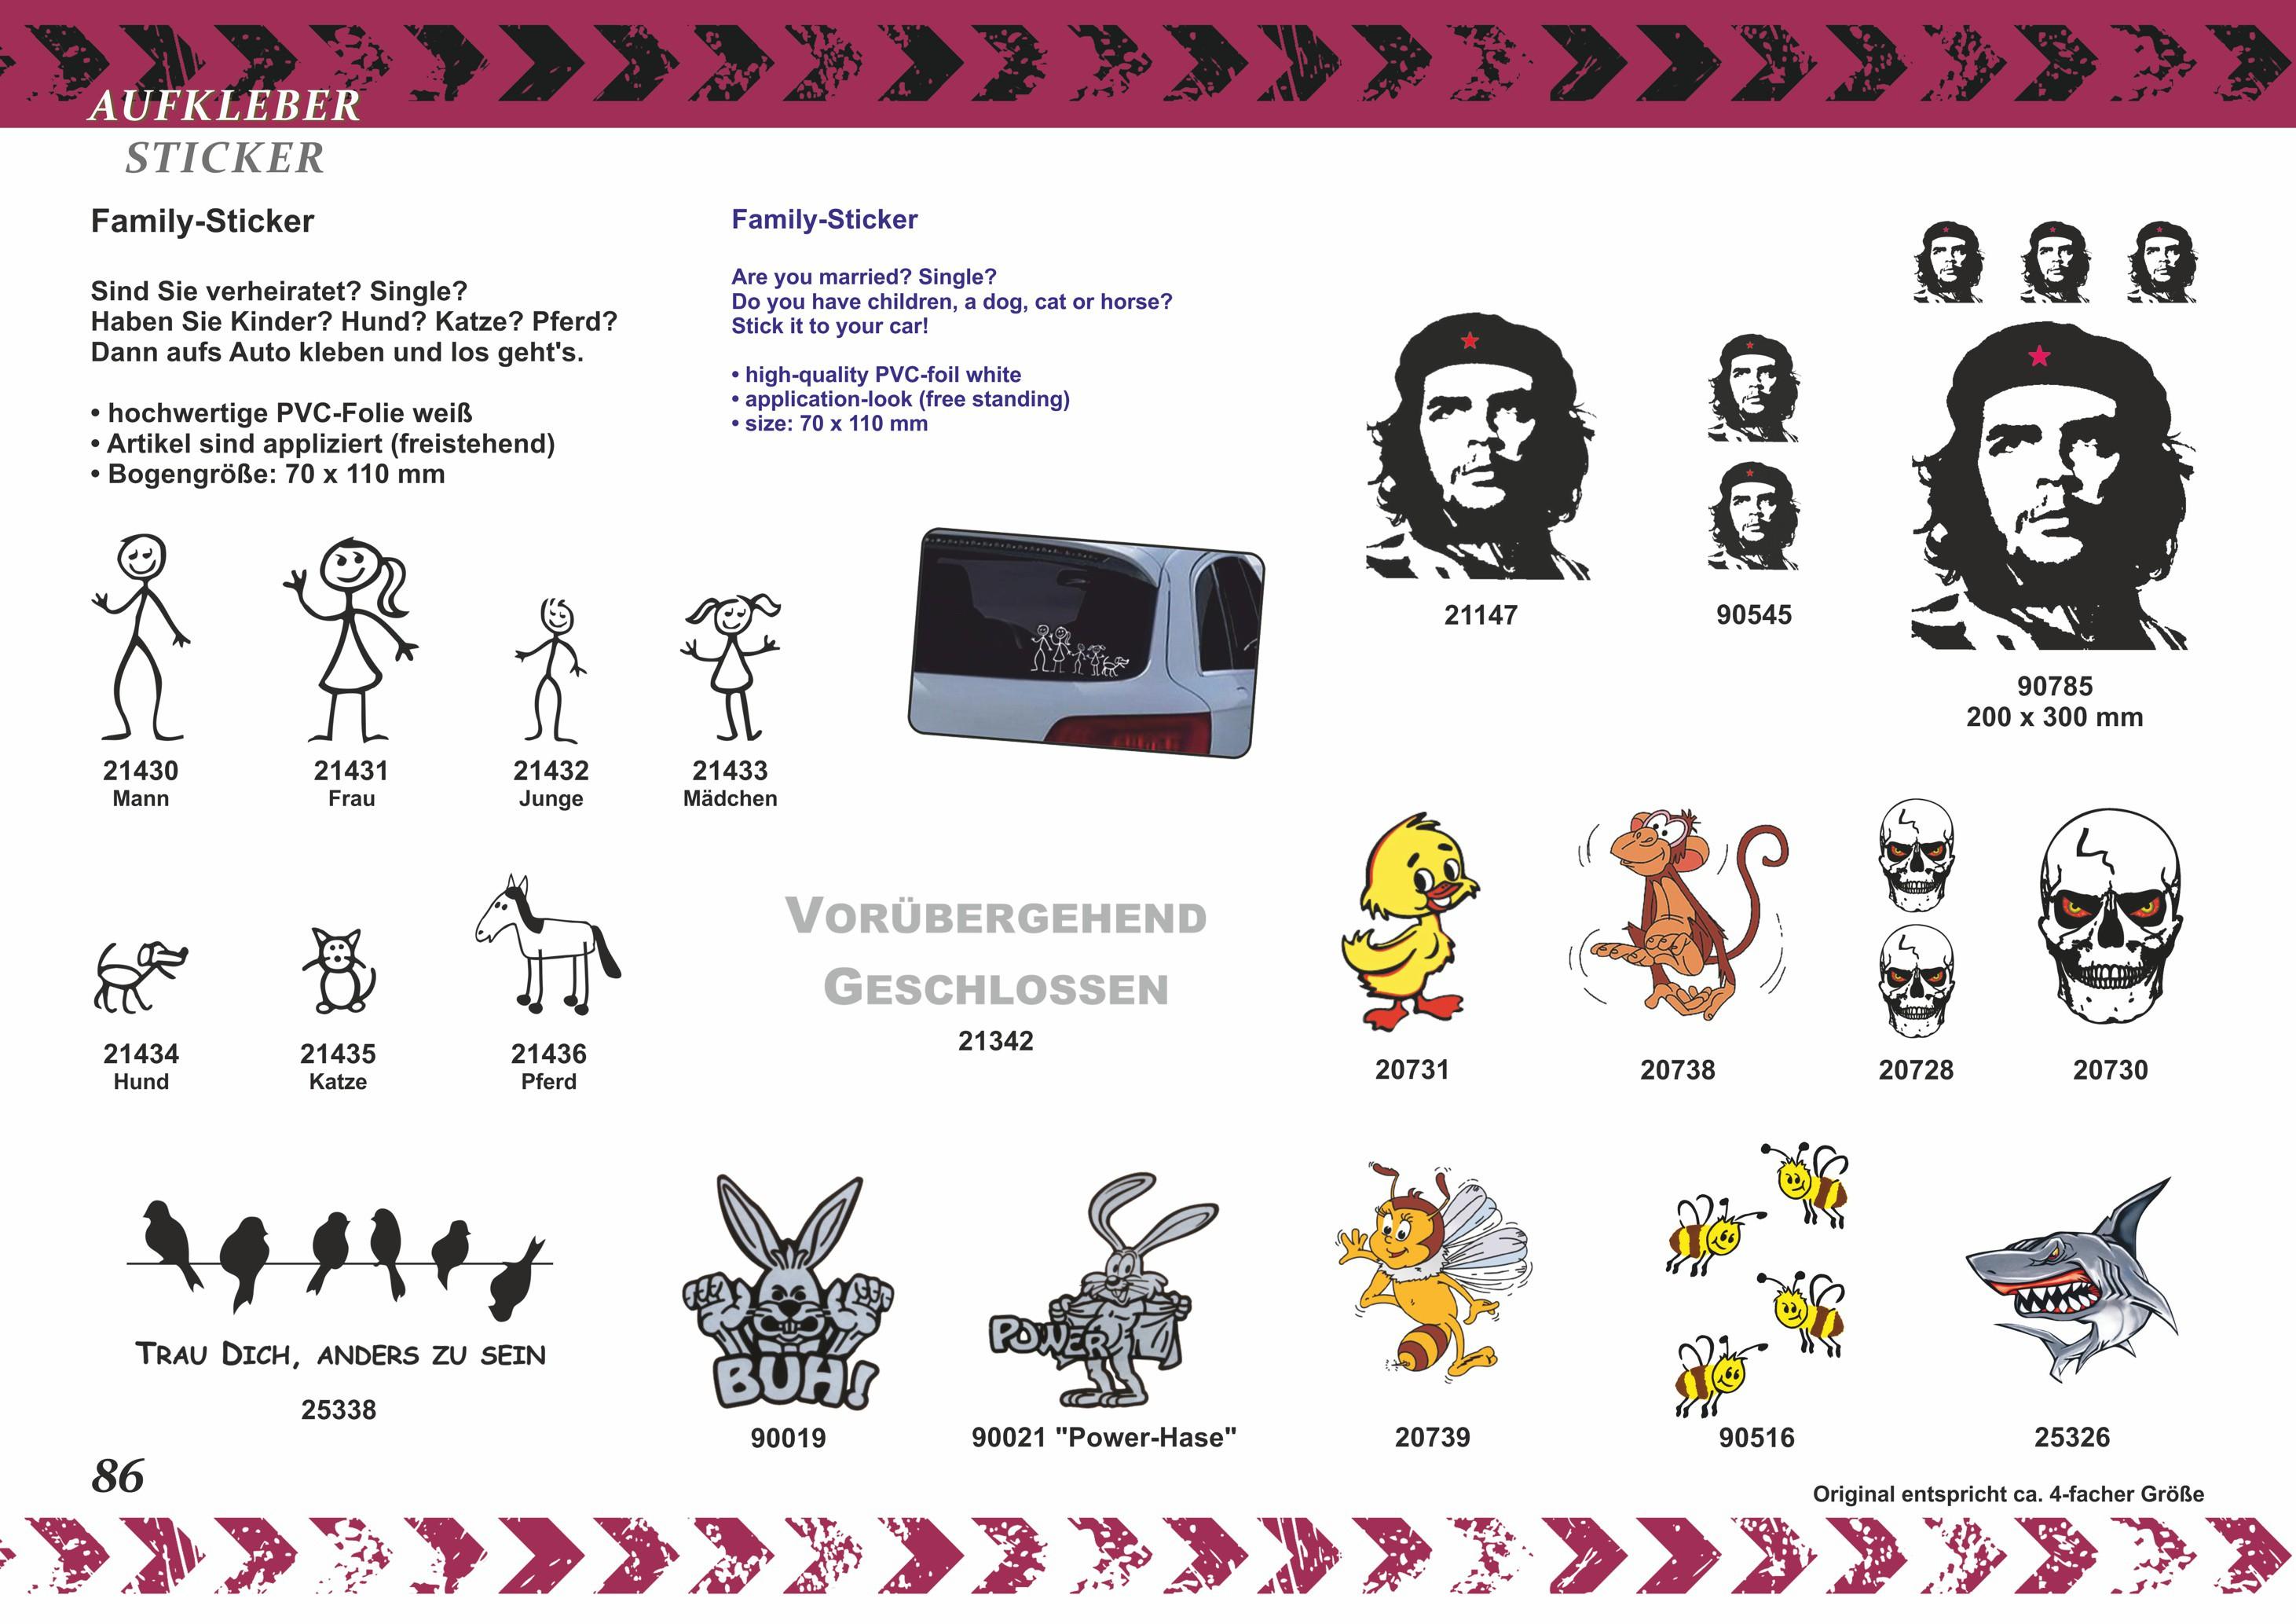 Family-Sticker cheval dessin au trait 70 x 70 mm appliqué – Bild 4